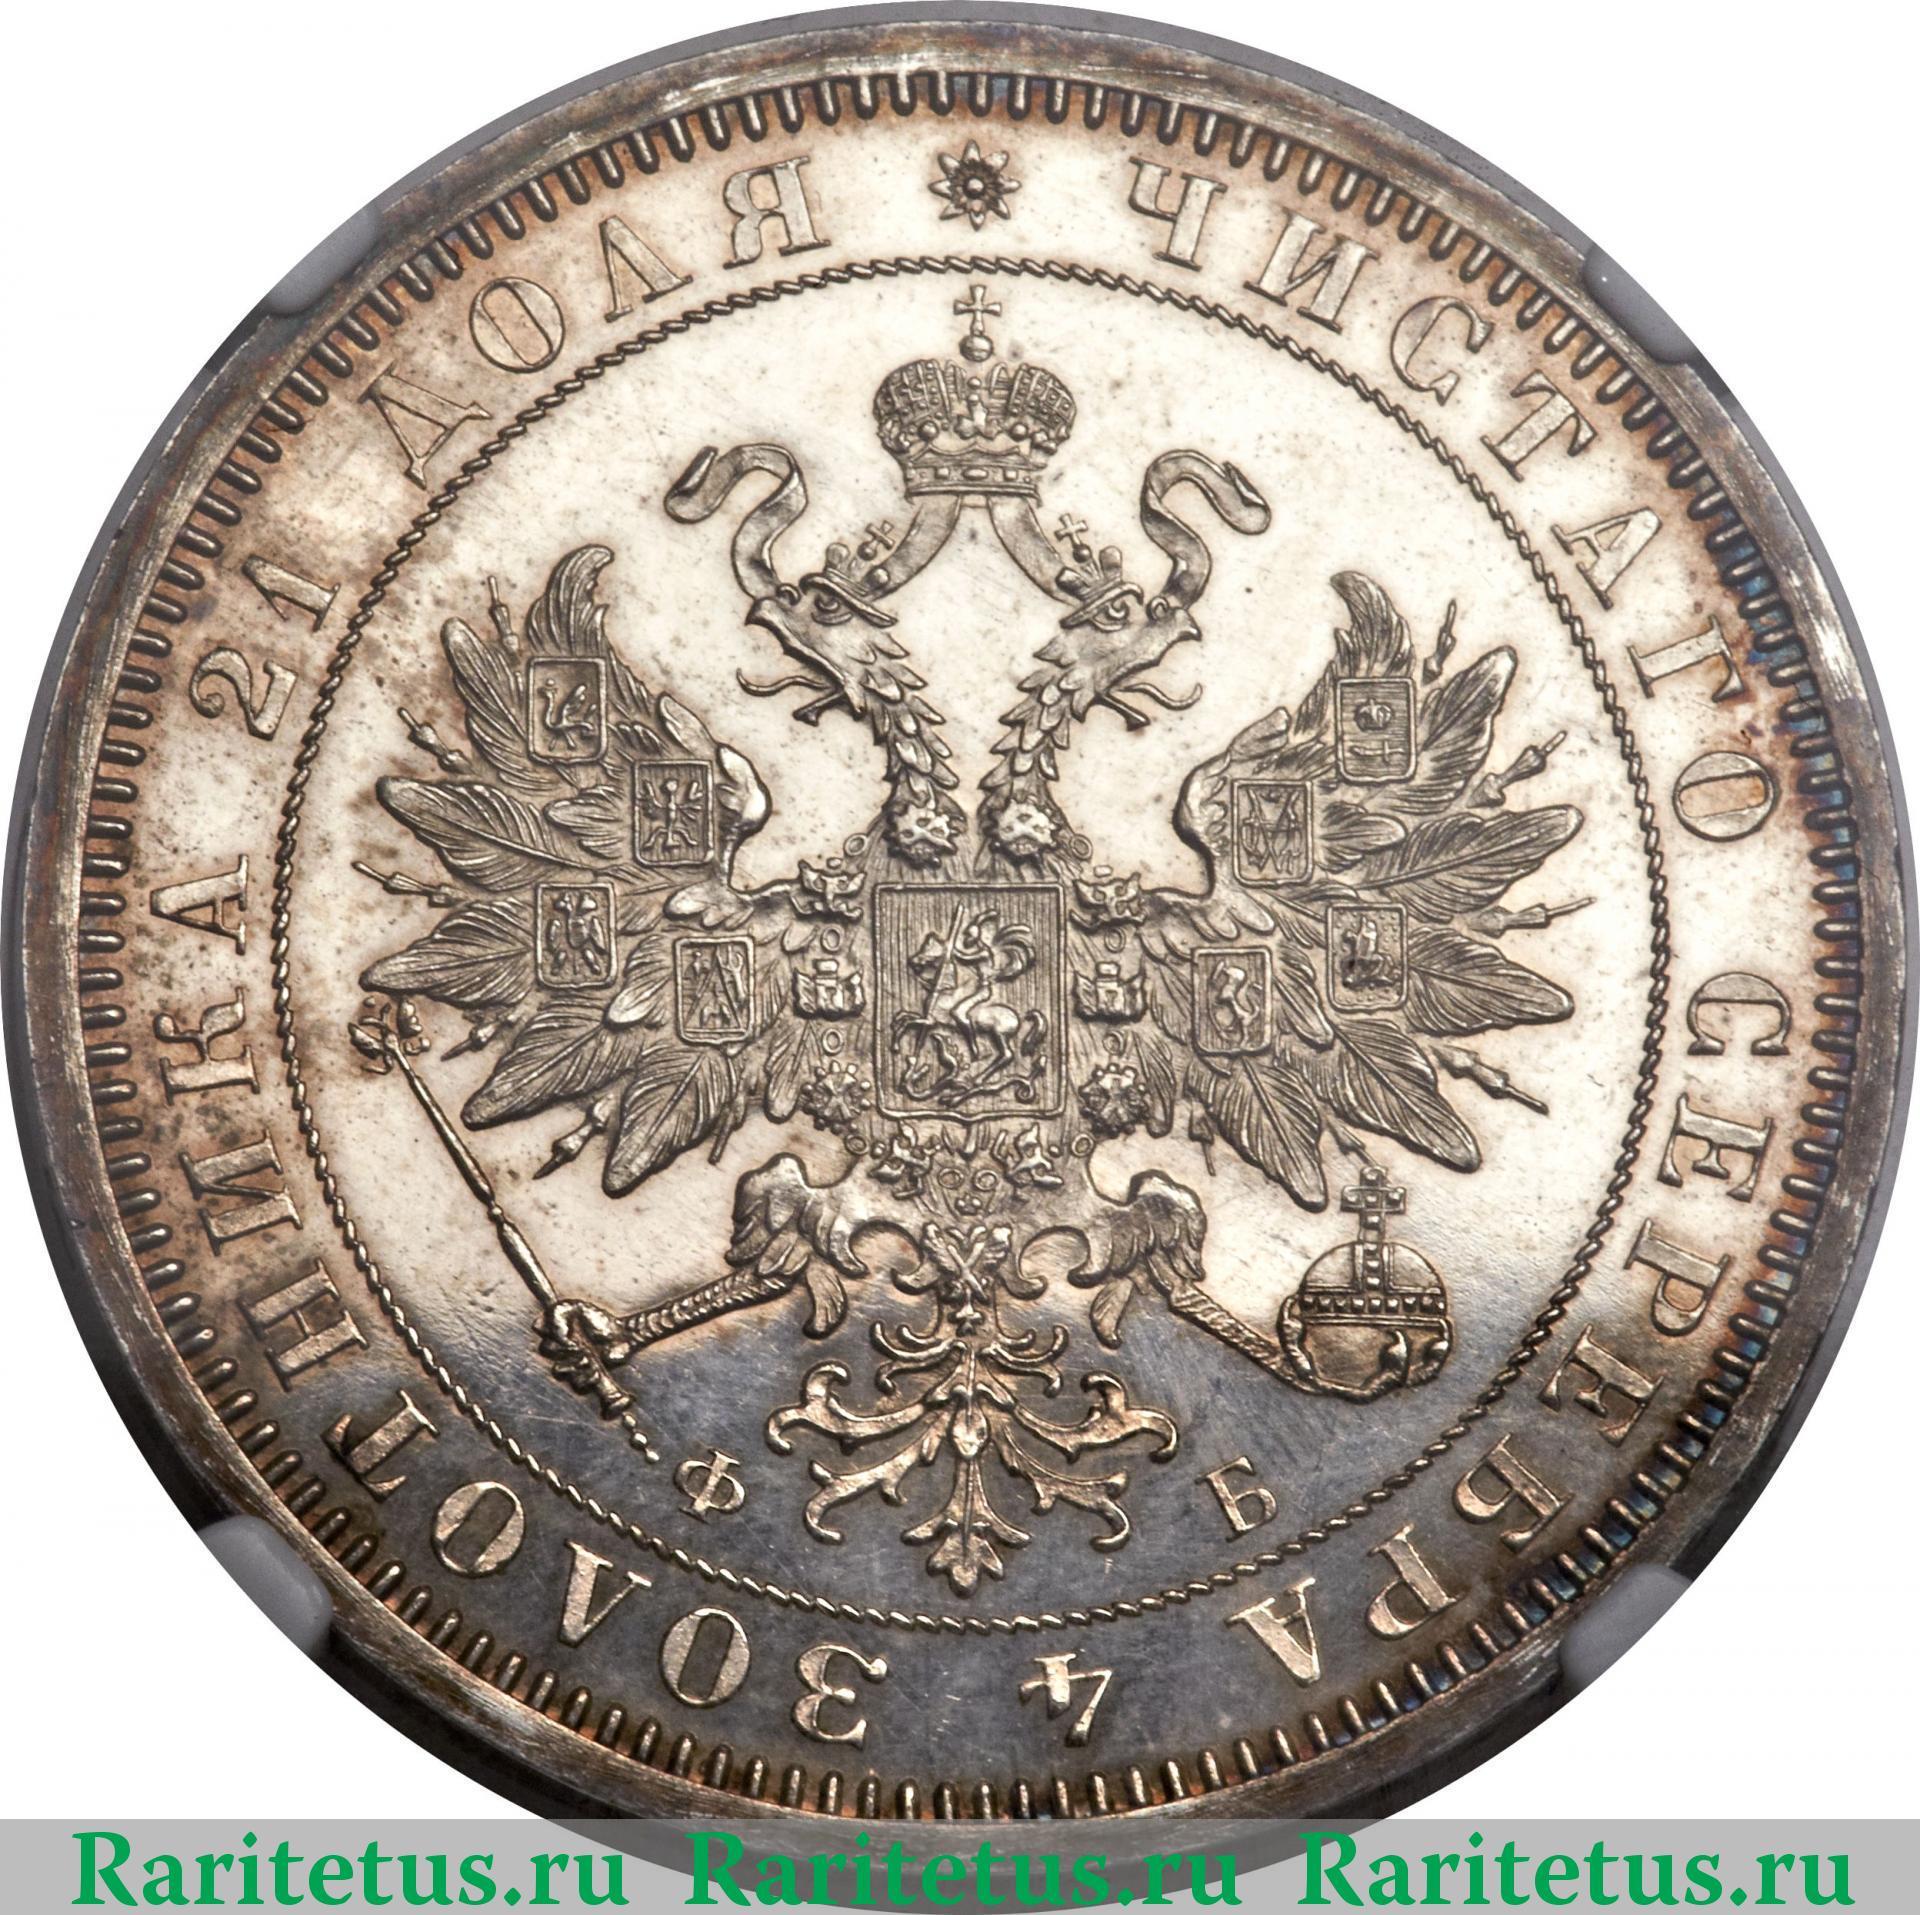 Аверс монеты 1 рубль 1859 года СПБ-ФБ